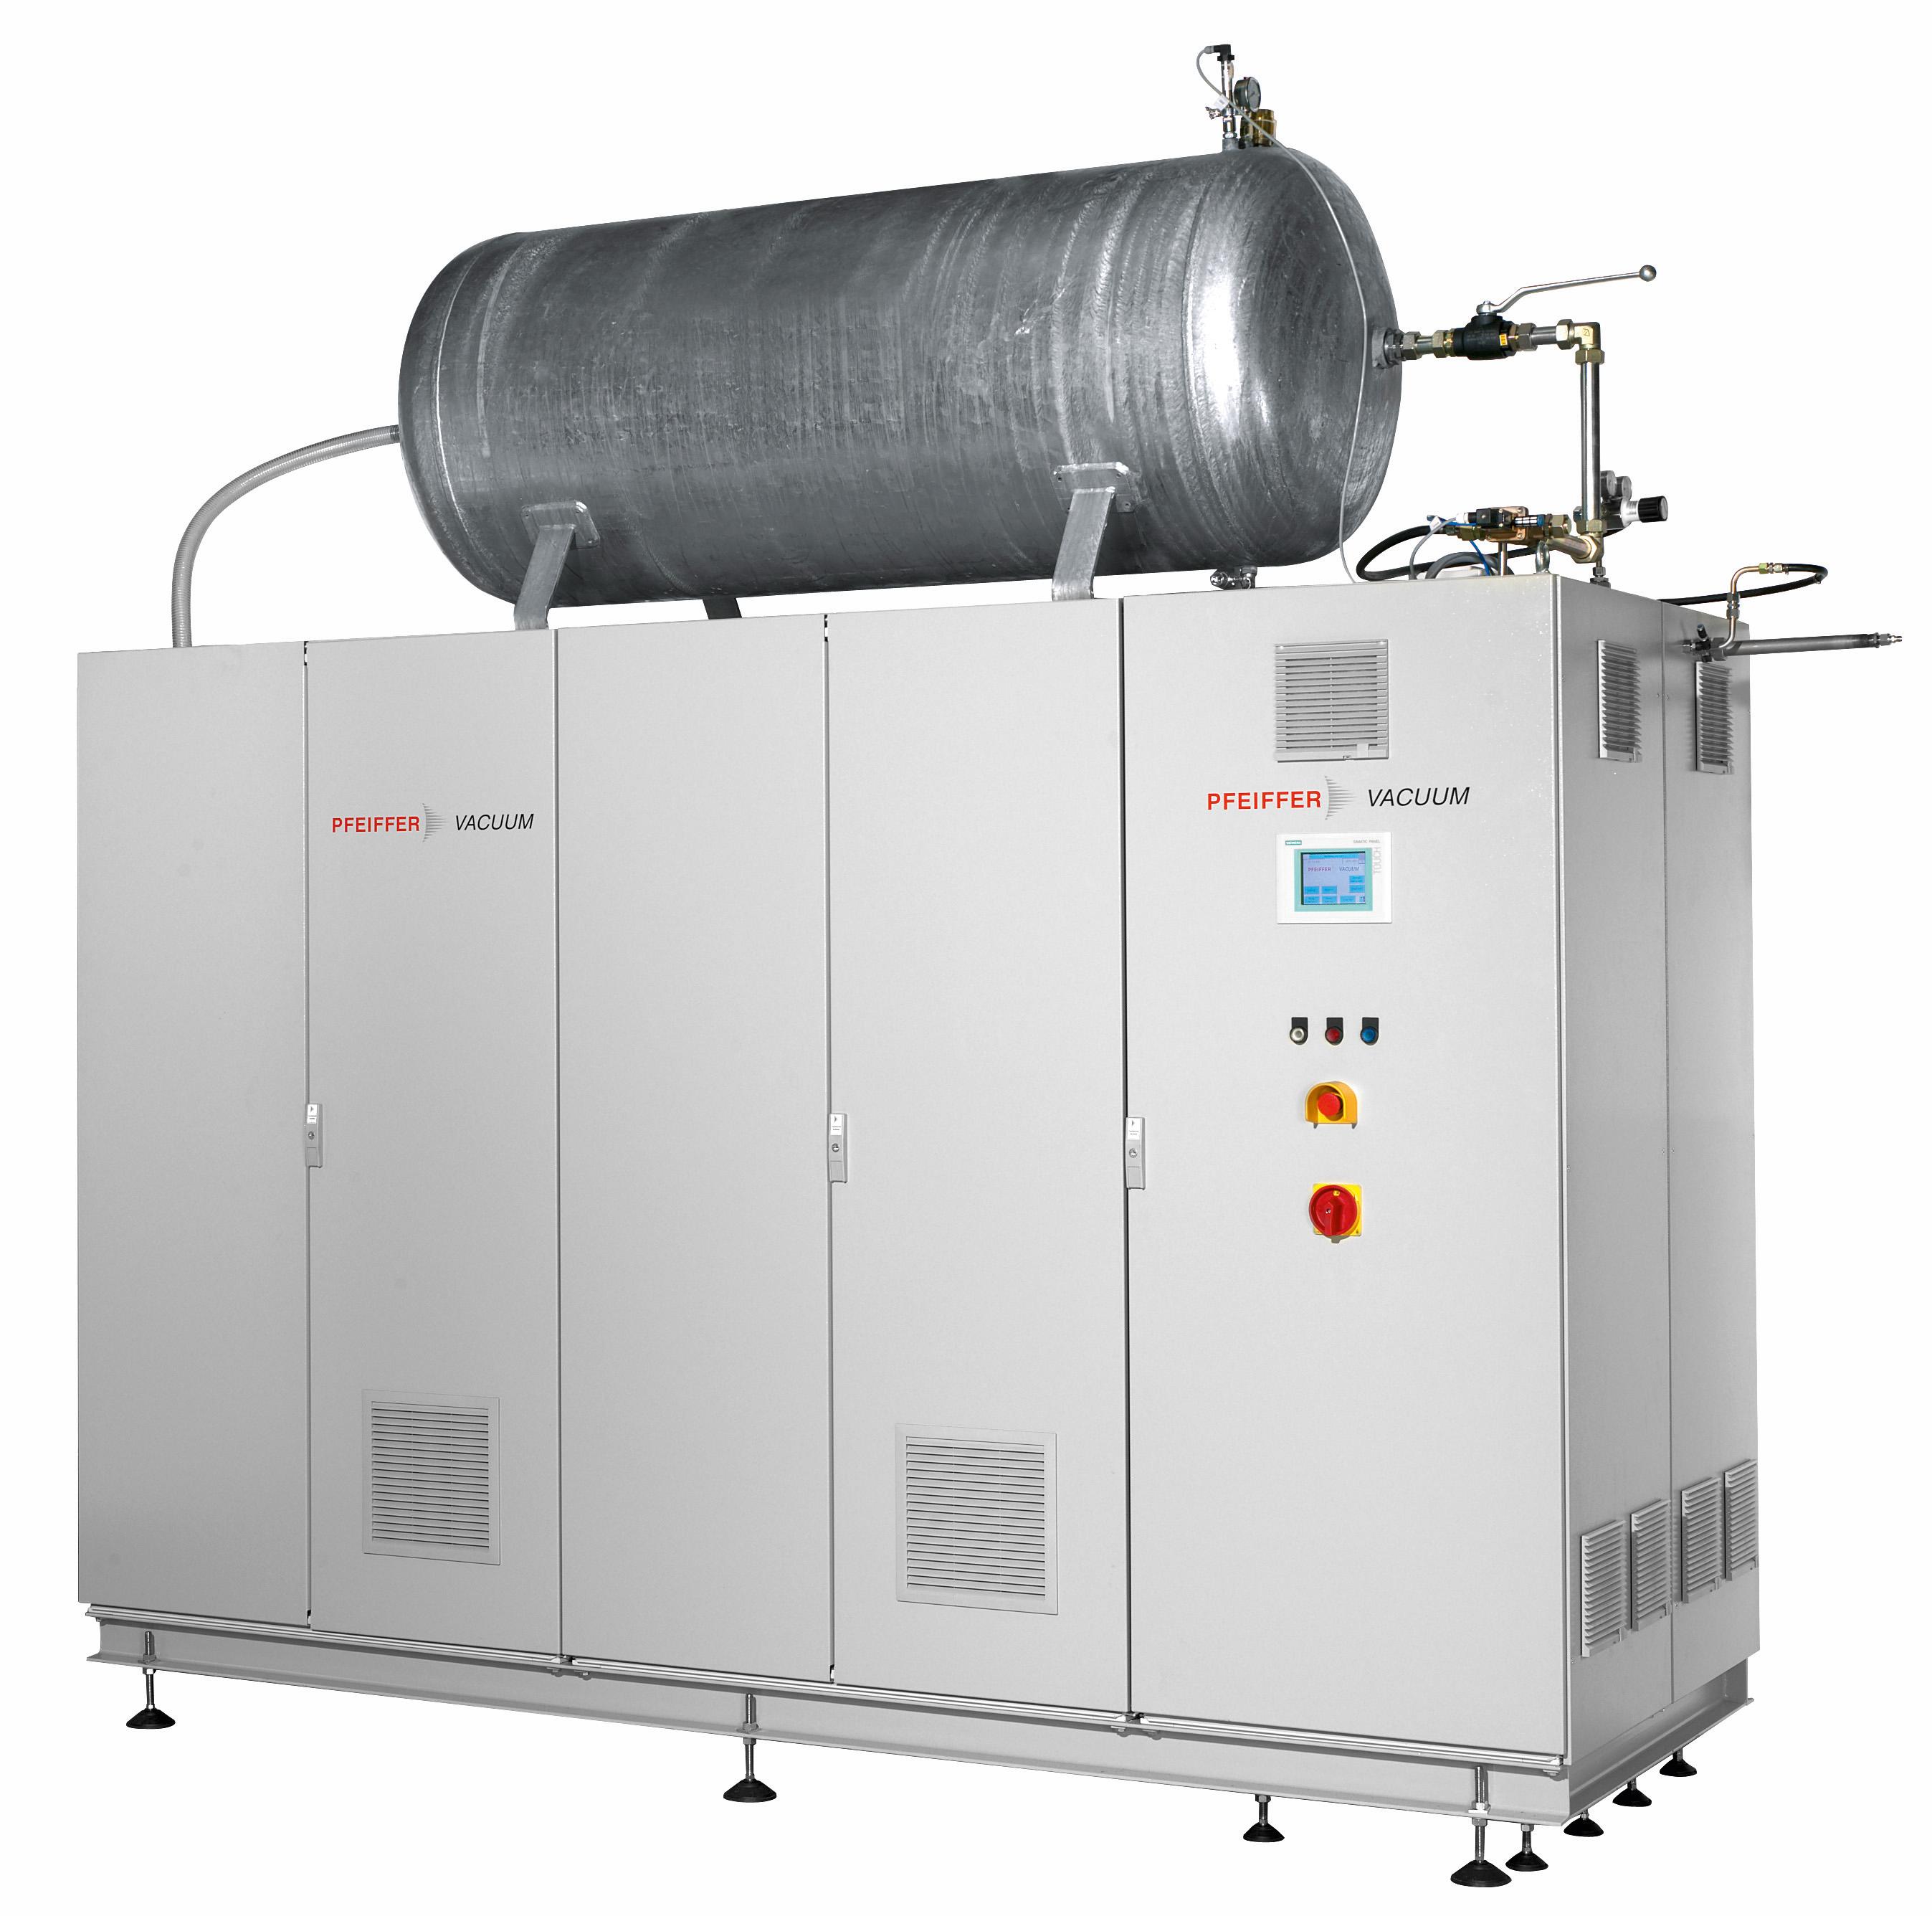 헬륨 회수 시스템의 예